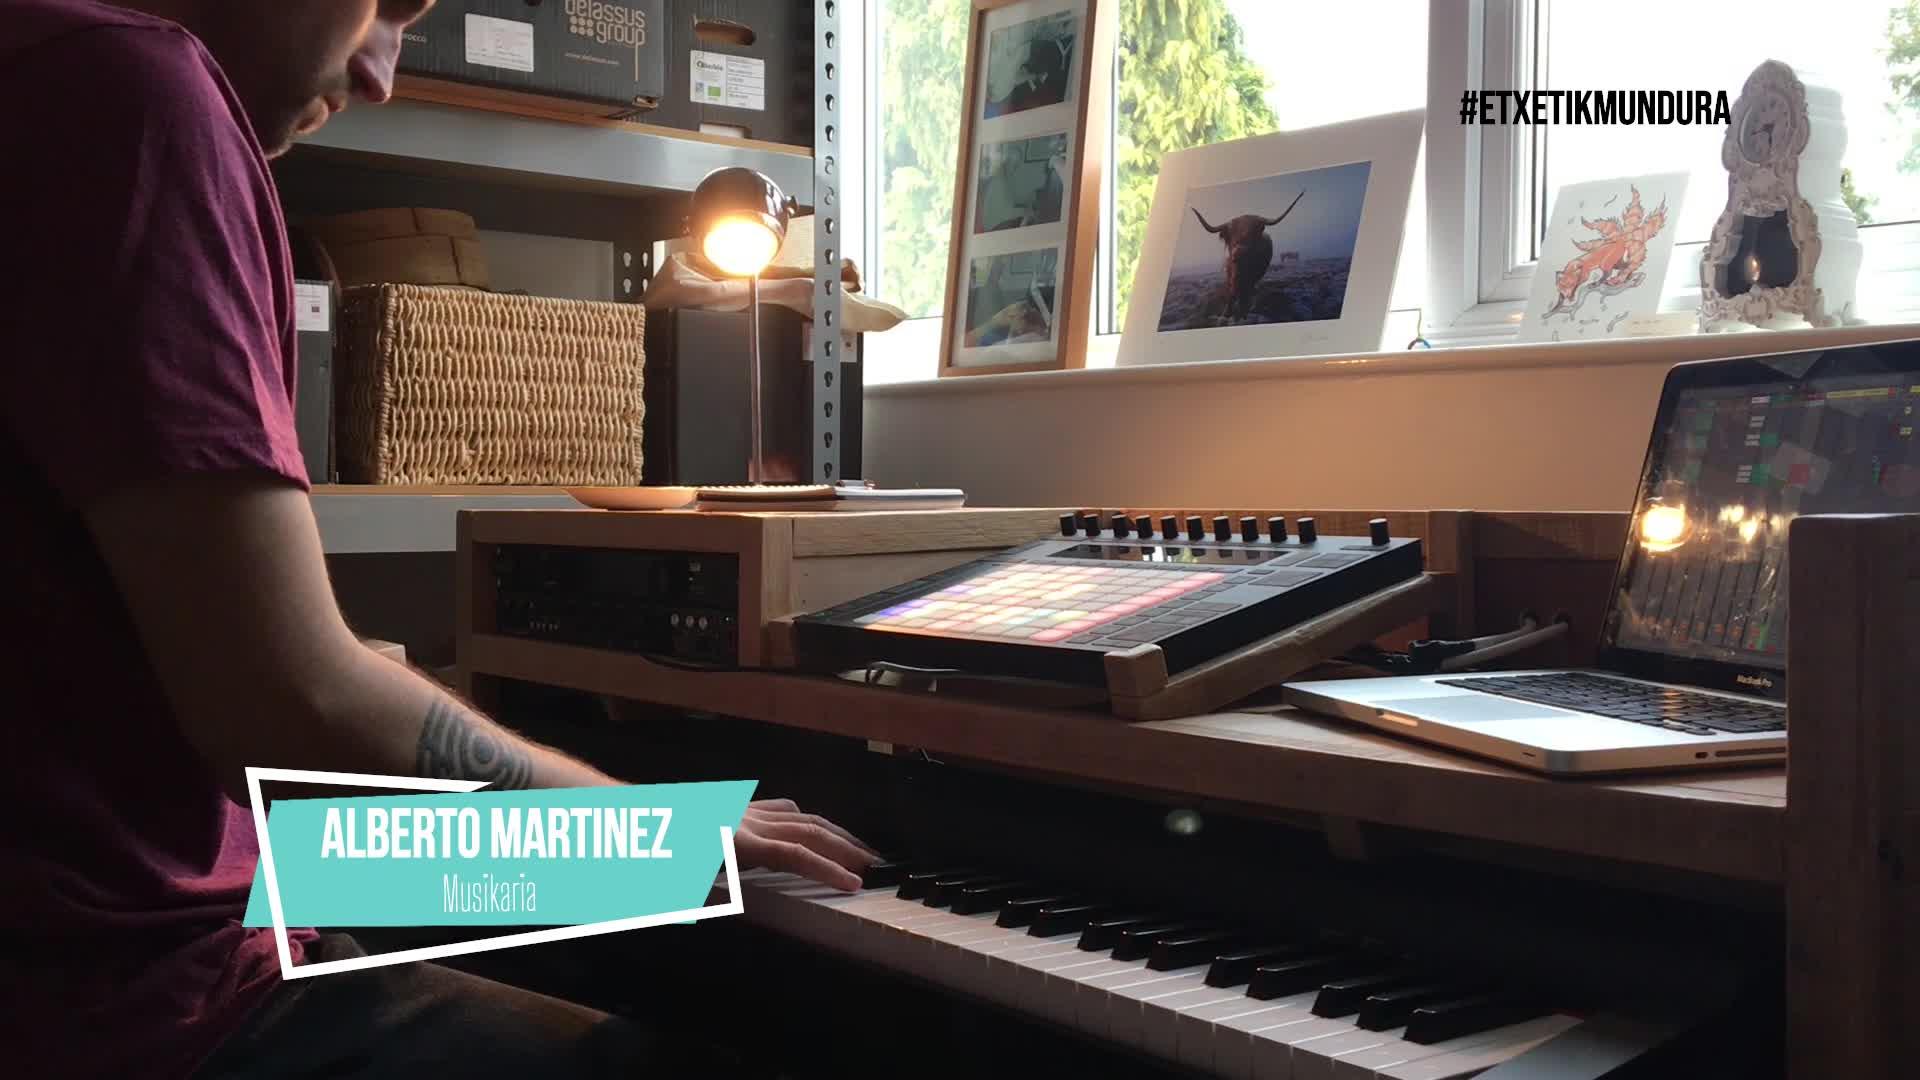 Alberto Martinez musikaria, etxetik mundura